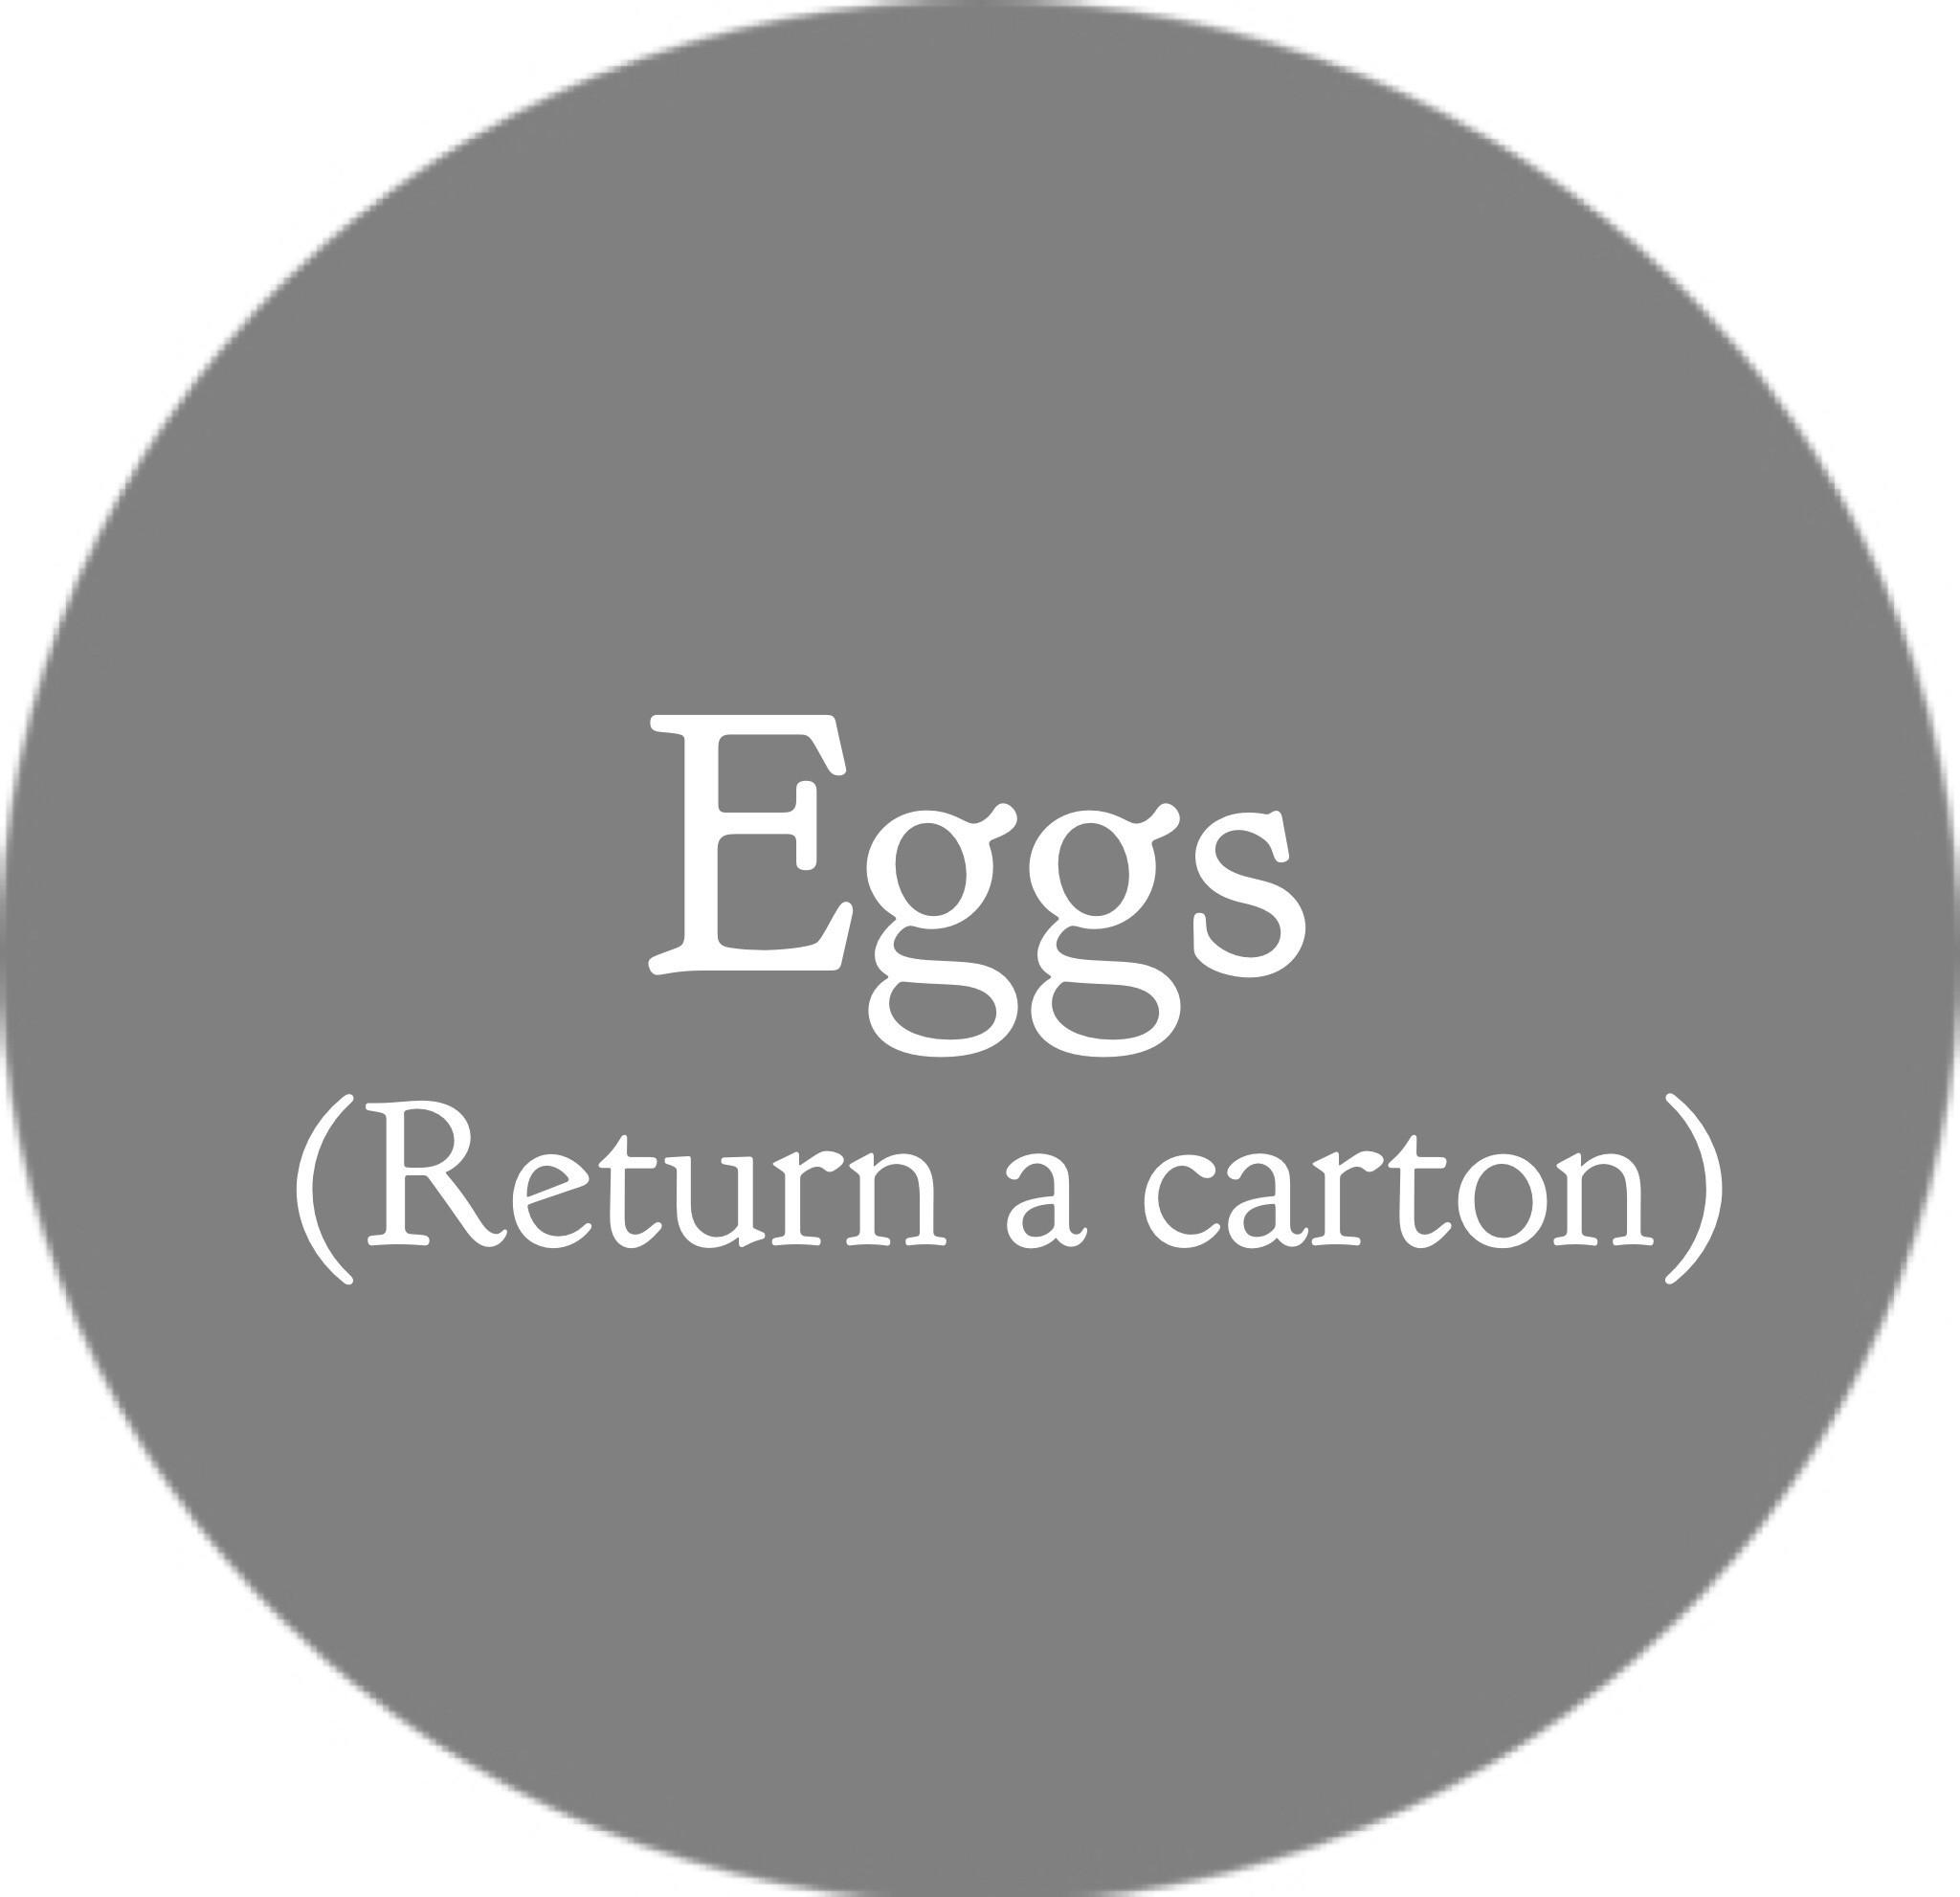 Eggs (bring your own carton)